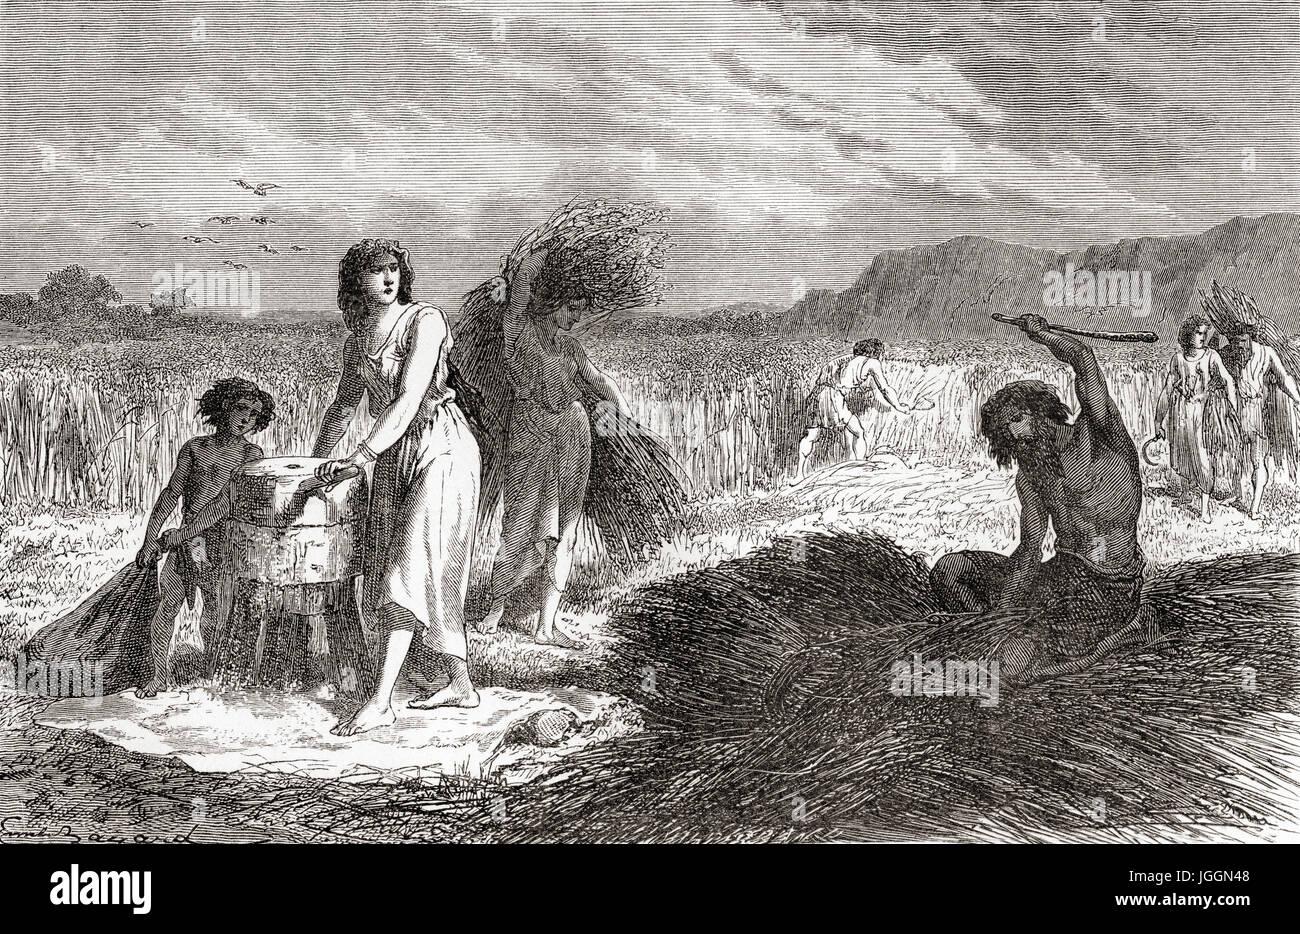 Landwirtschaft in der Eisenzeit.  L ' Homme Primitif veröffentlichte 1870. Stockbild